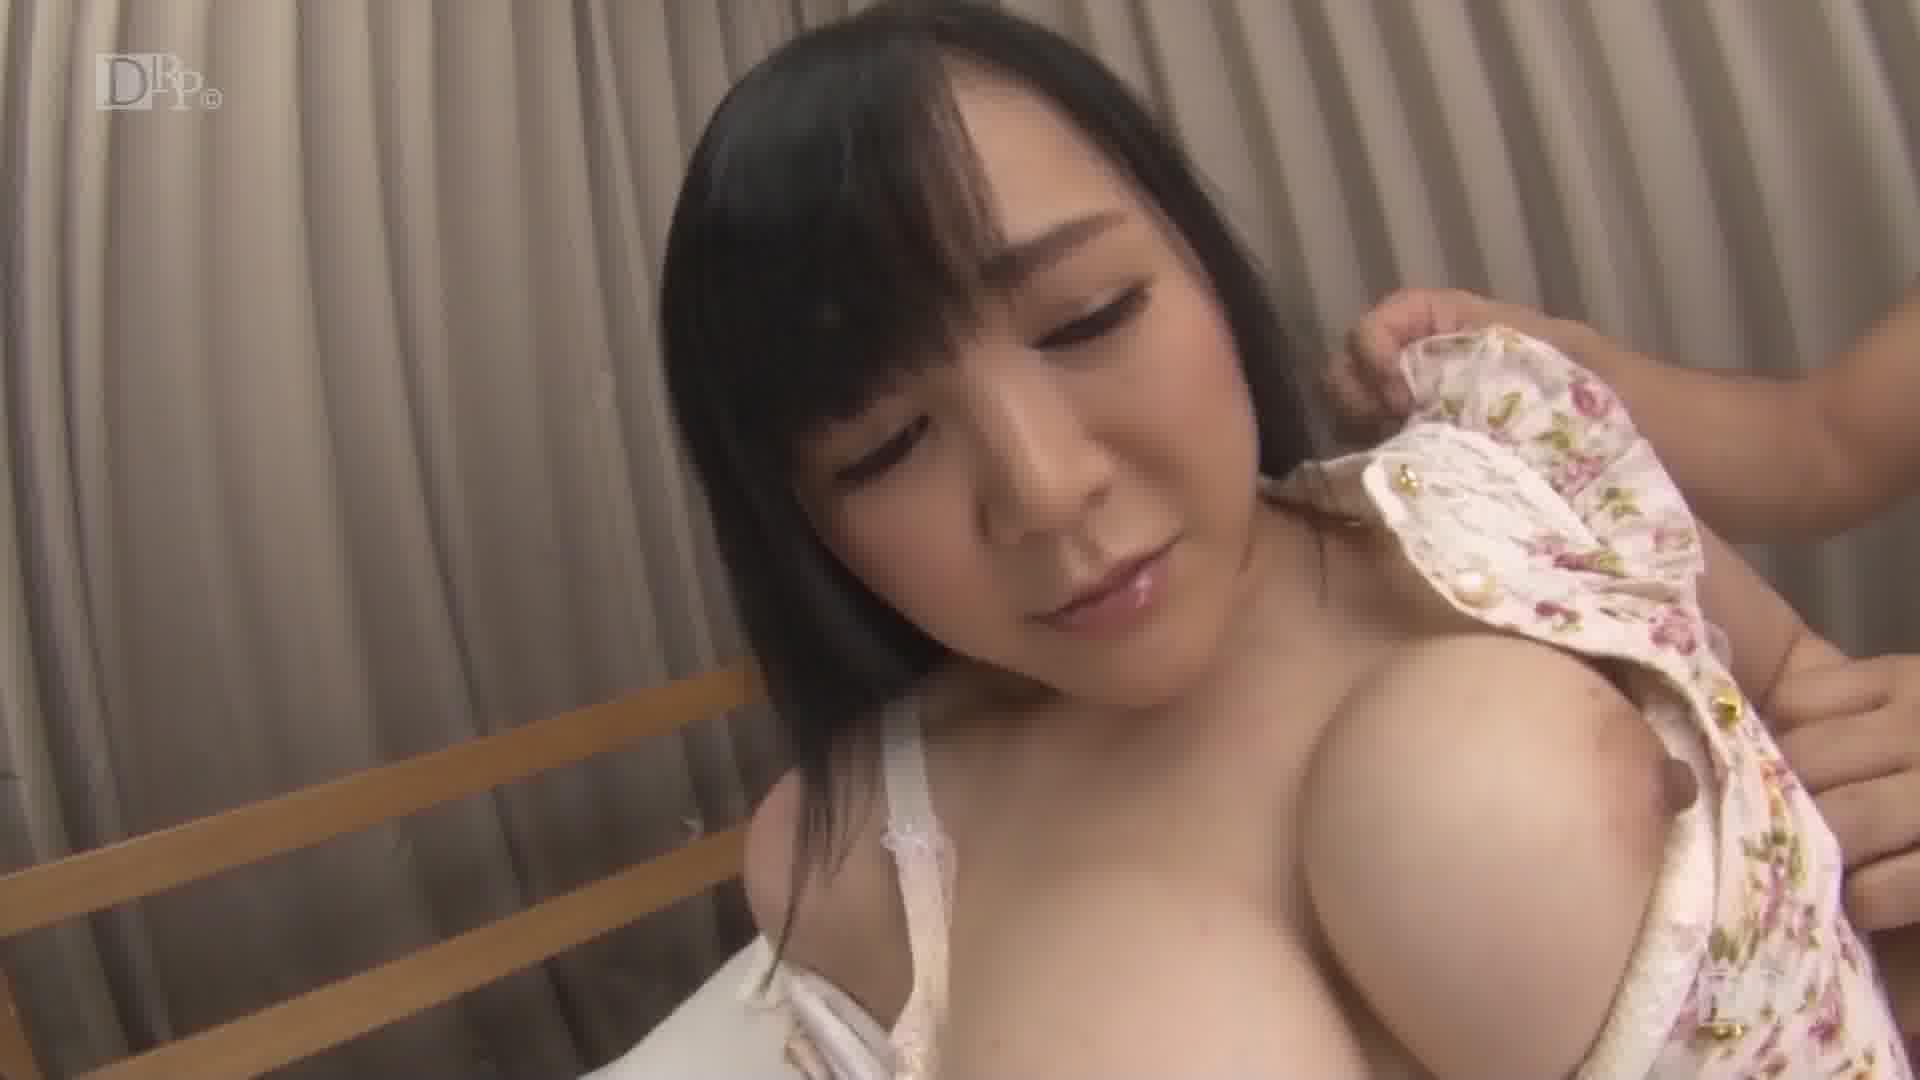 連続昇天!お漏らし大洪水! - 渡辺美羽【巨乳・バイブ・潮吹き】